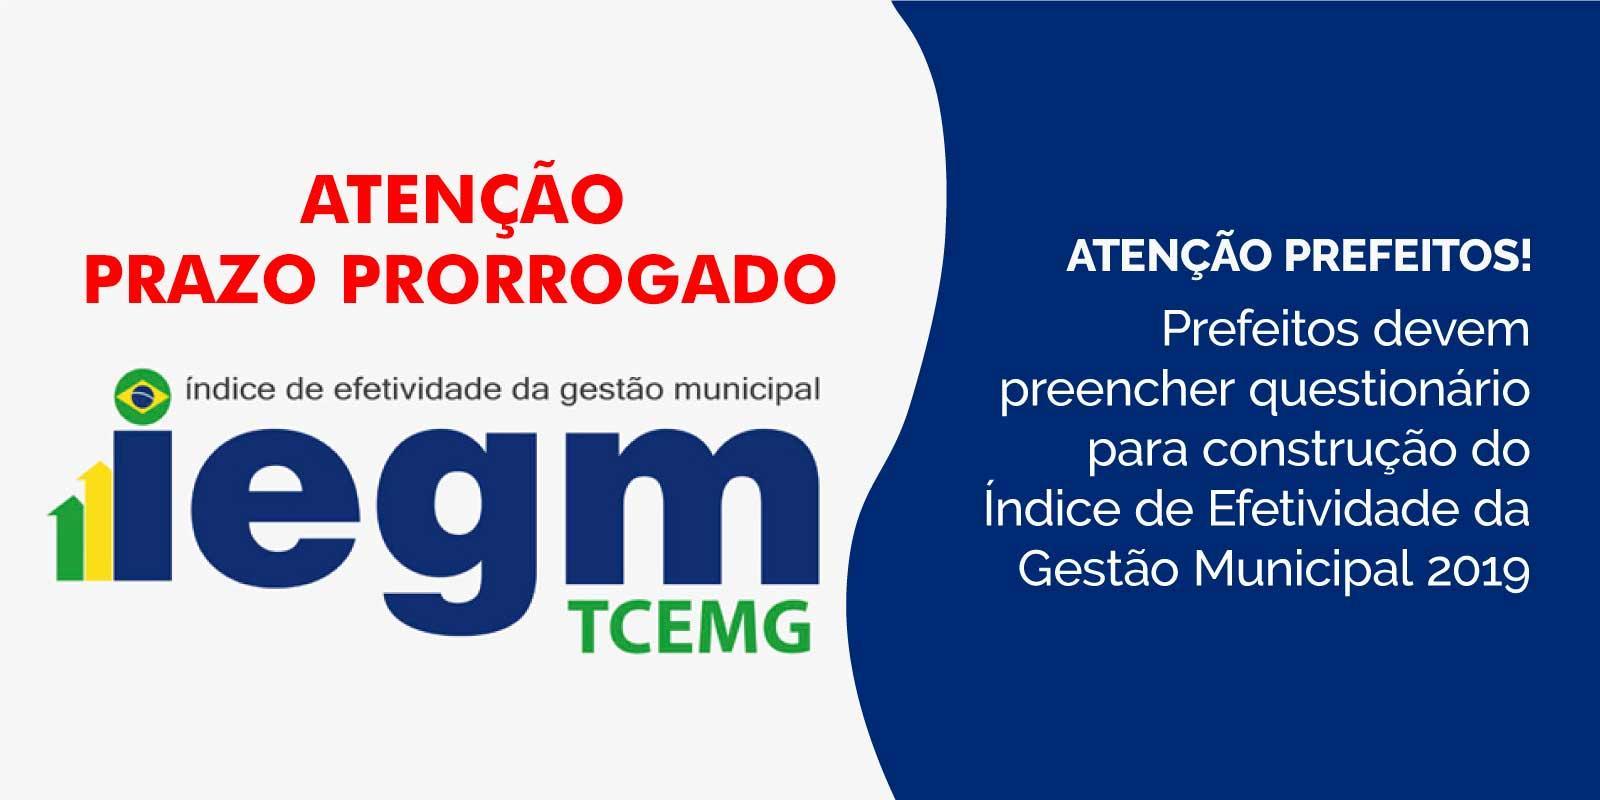 Envio dos questionários do IEGM tem prazo prorrogado